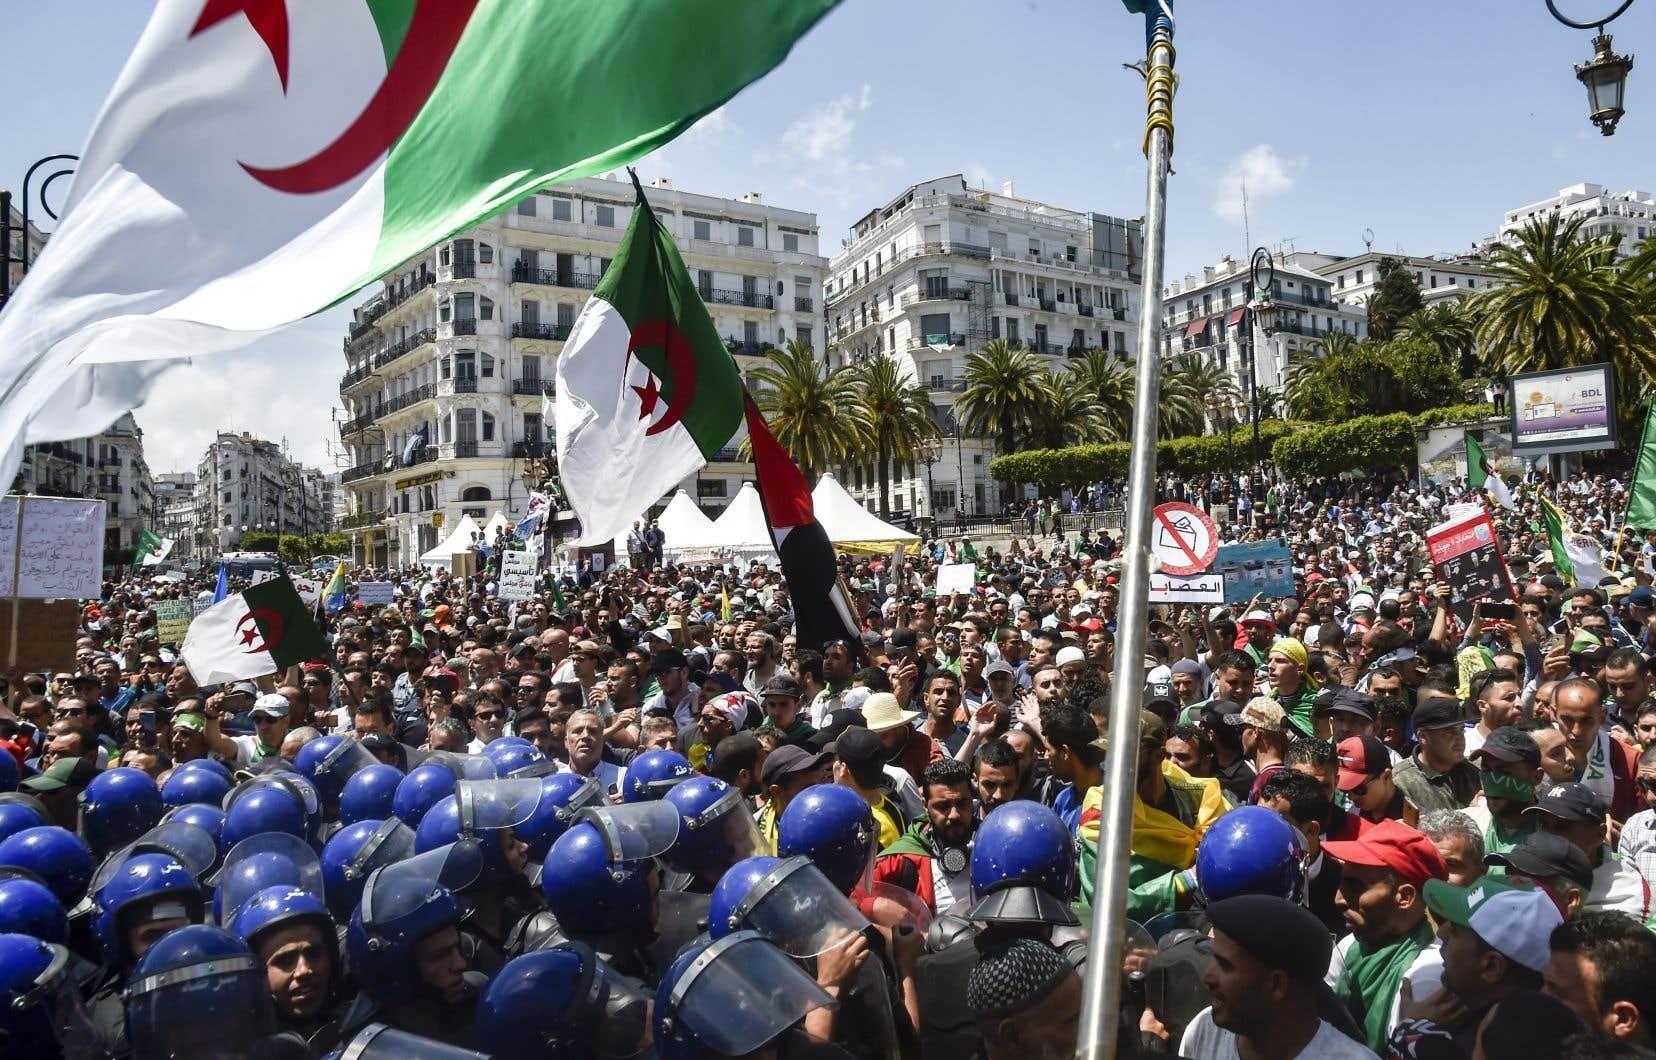 <p>La police est déployée en nombre depuis le début de la matinée à Alger et interdit notamment, avec des véhicules et des policiers munis de boucliers, l'accès au parvis et aux marches de la Grande Poste, lieu symbolique pour les manifestants.</p>